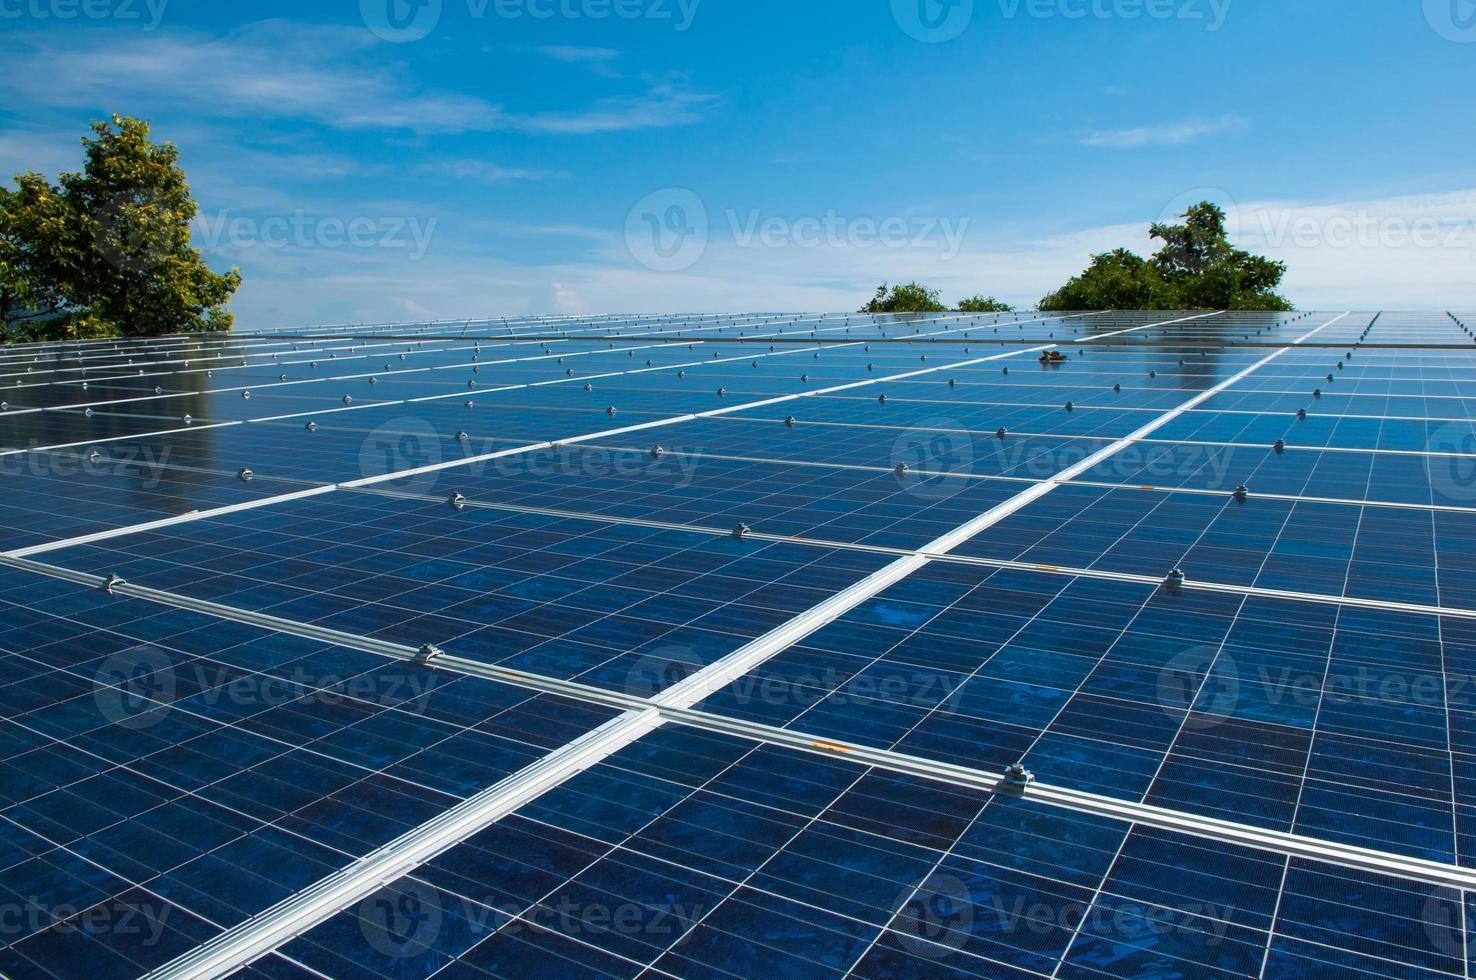 pannello solare sul tetto di un habitat foto